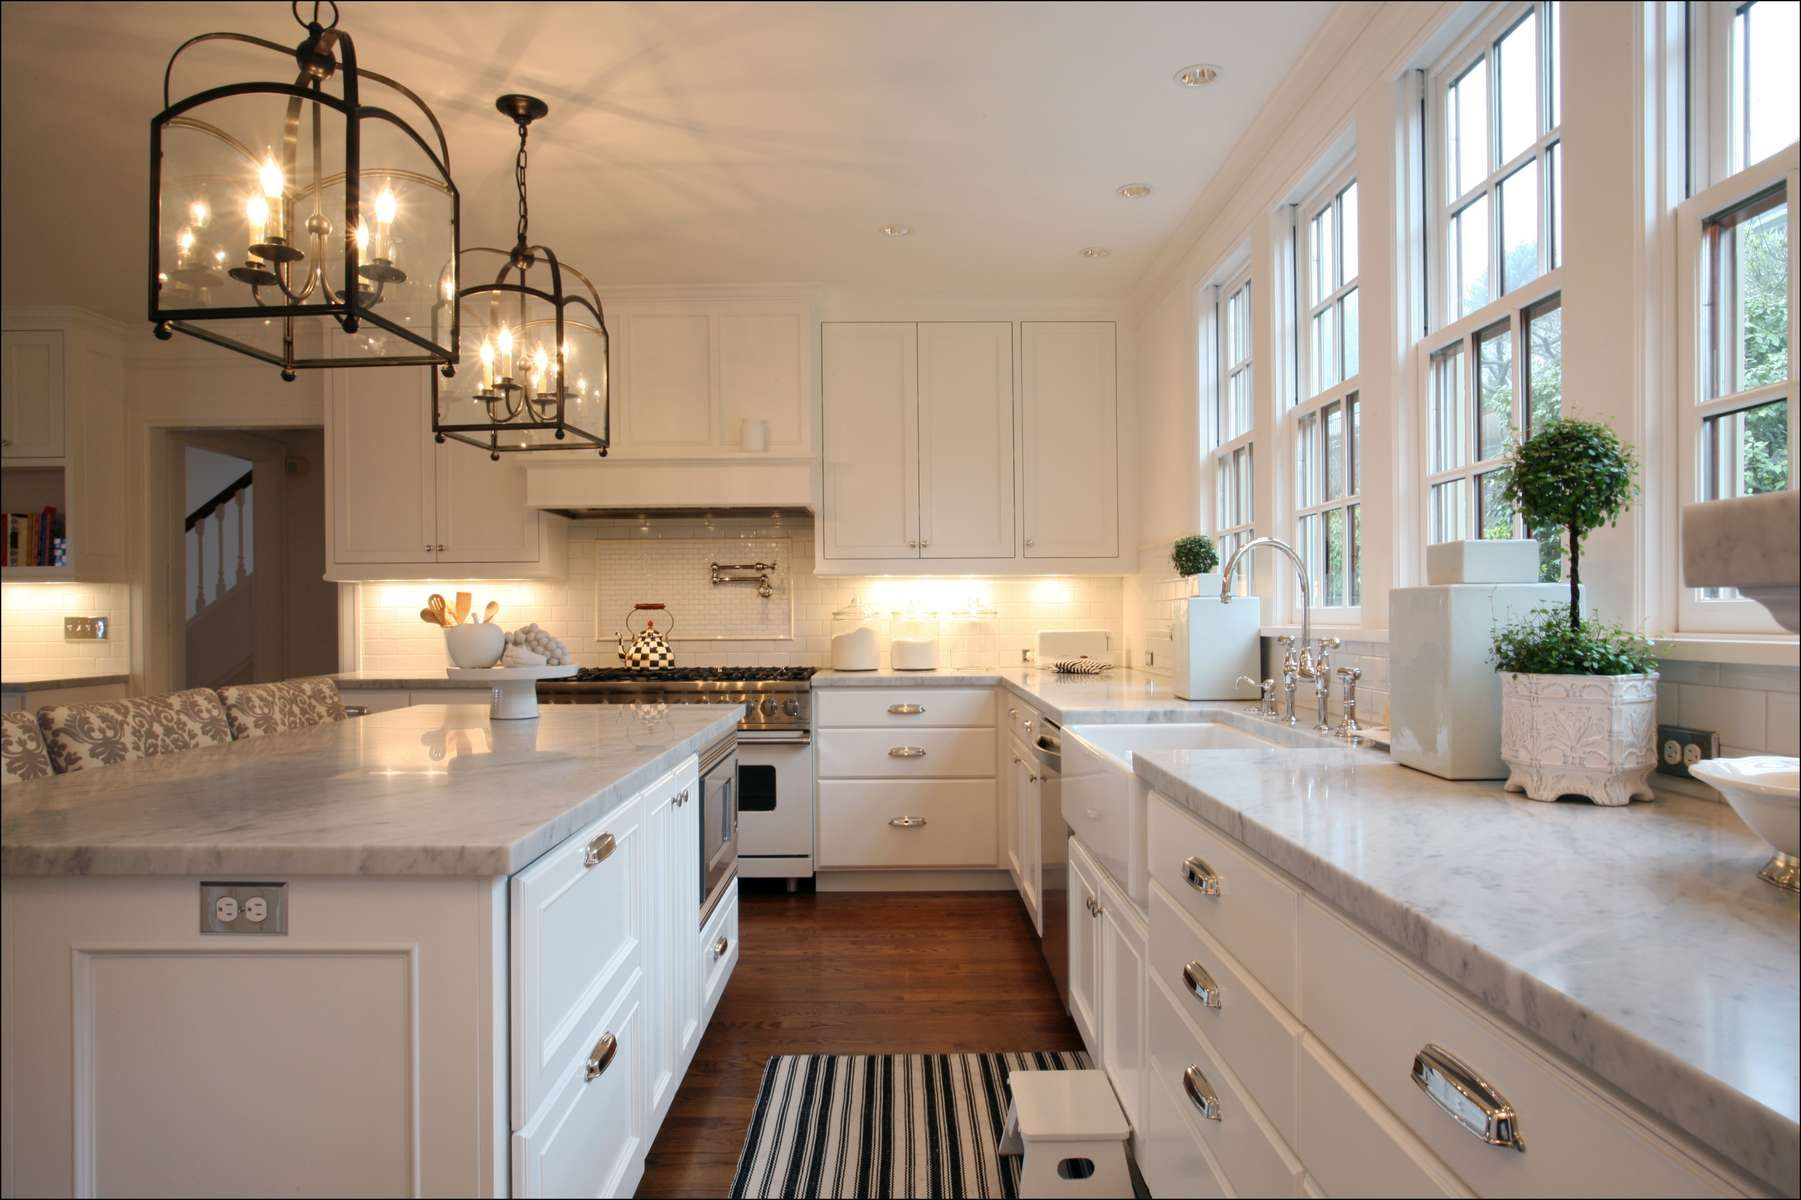 Küchen design messungen luxus kolonialstil küche design  bevor sie anfangen zu malen